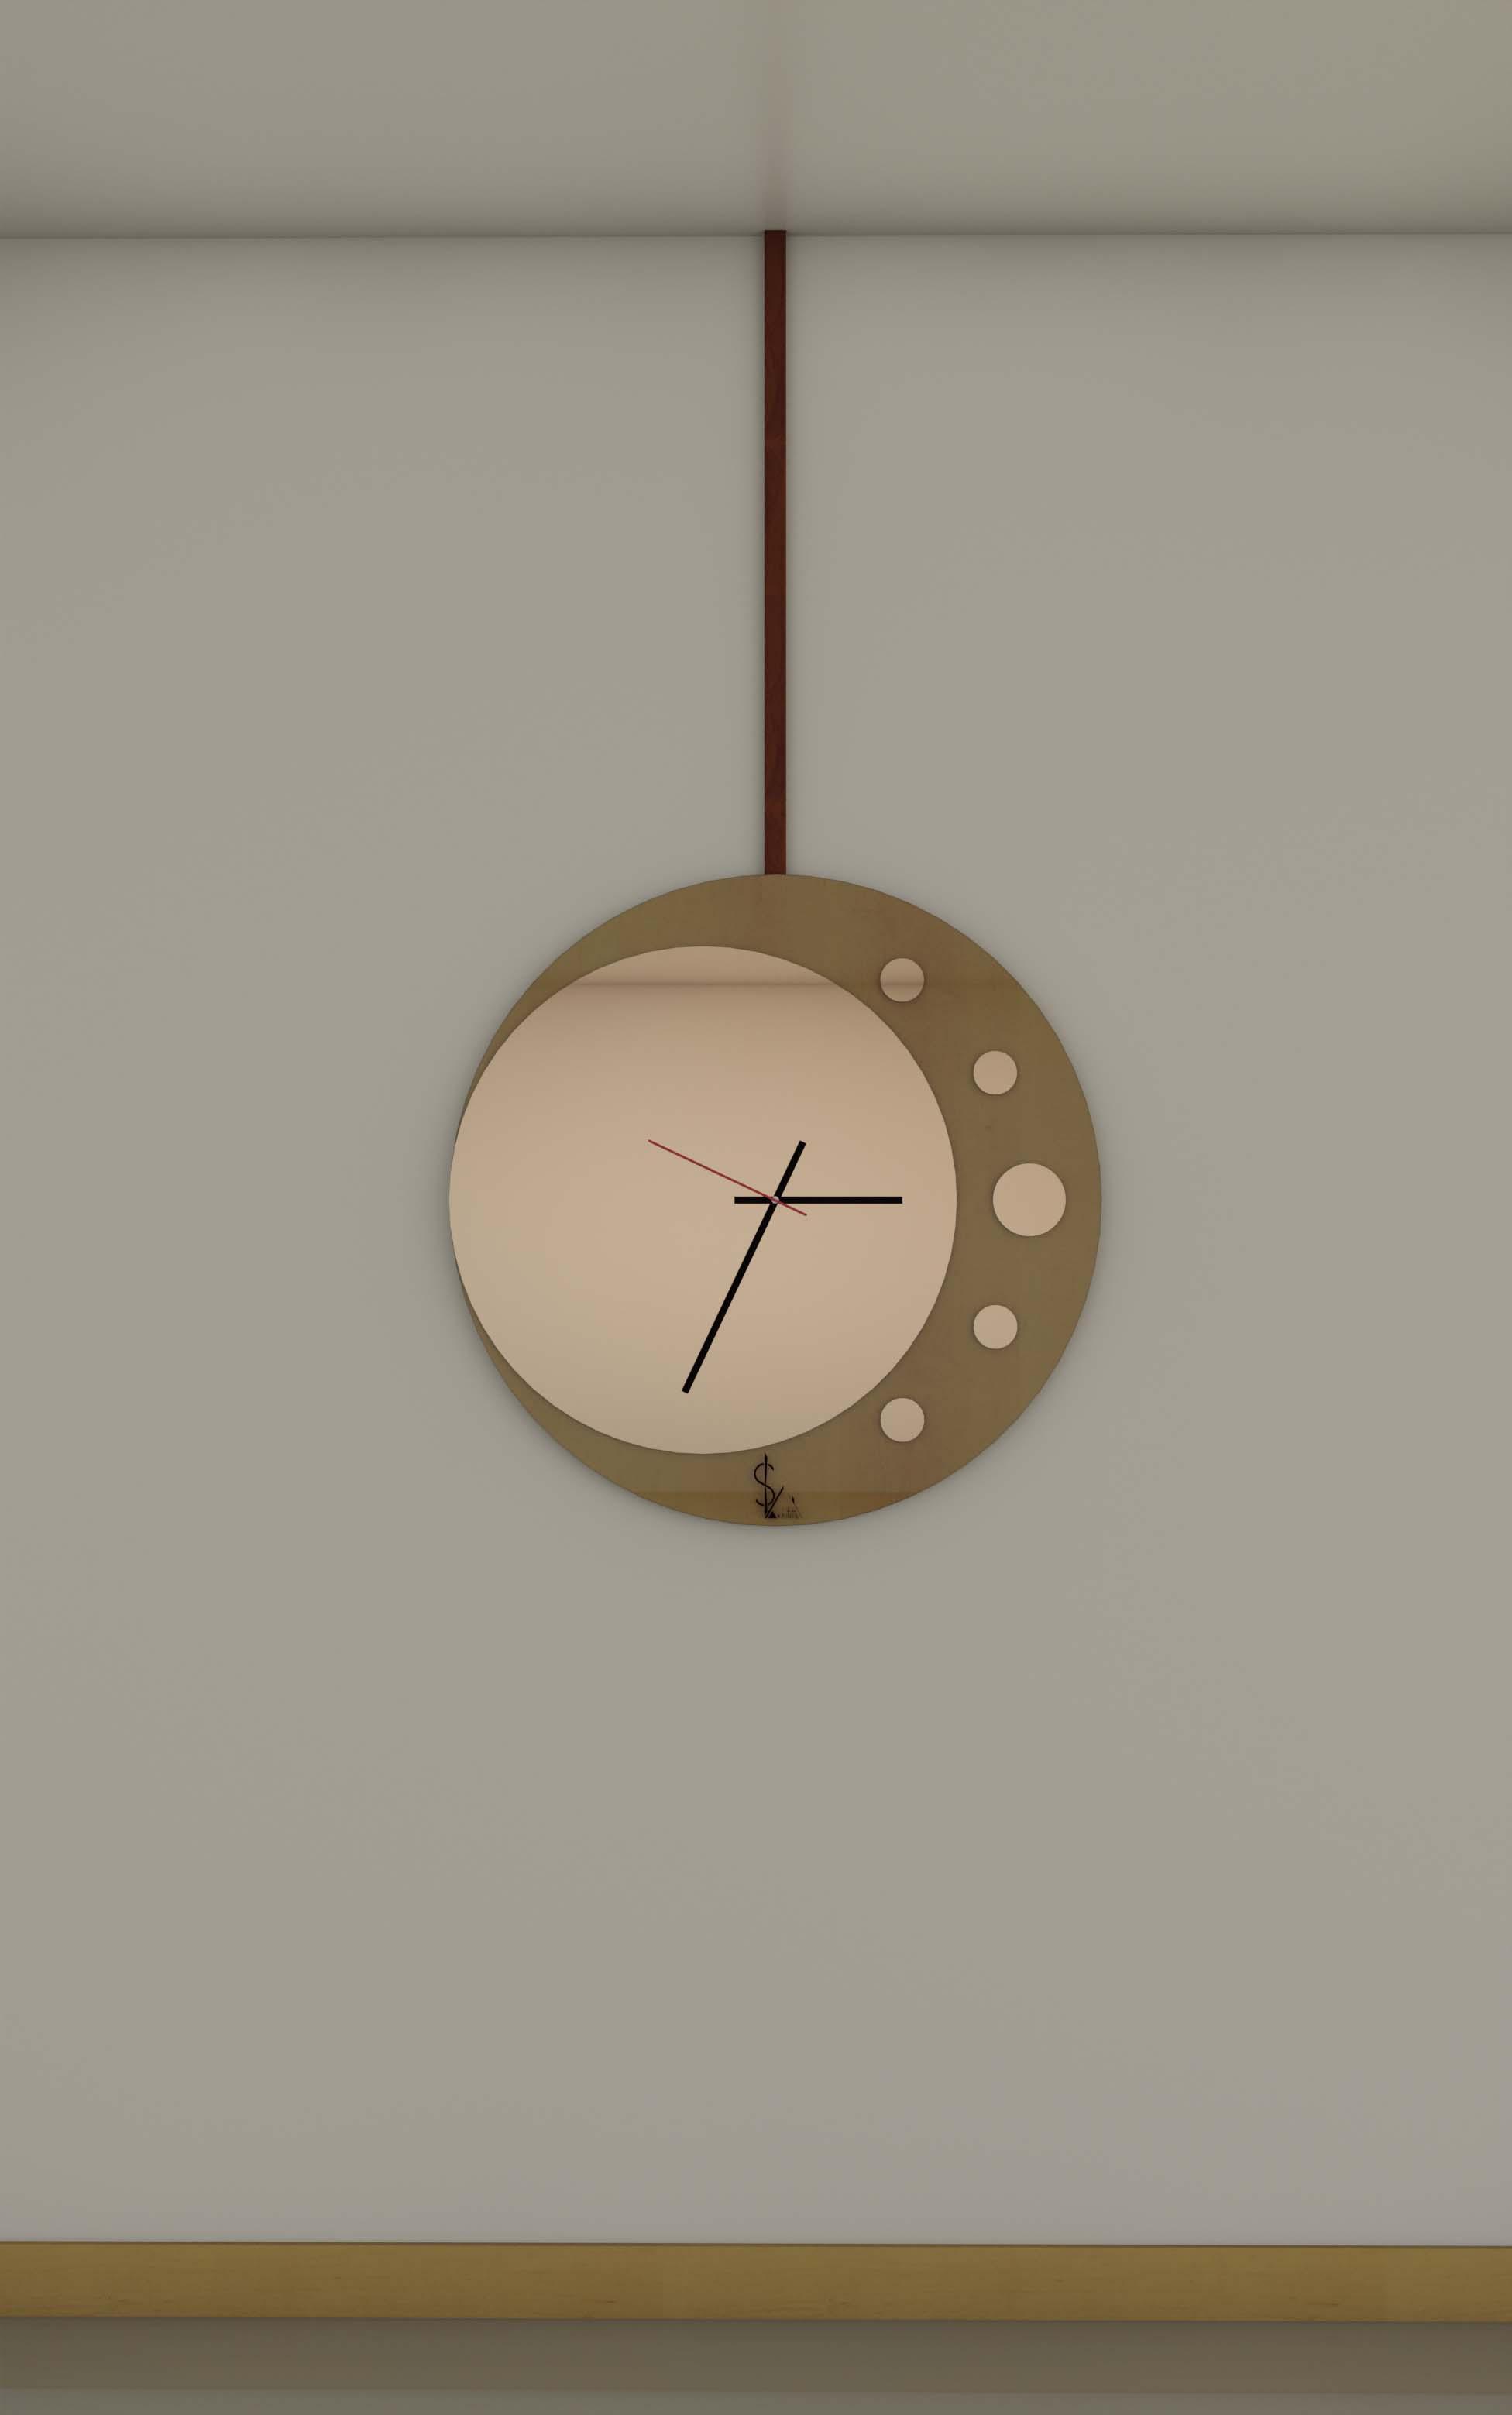 Orologio pendolo by Simonetto Vellucci